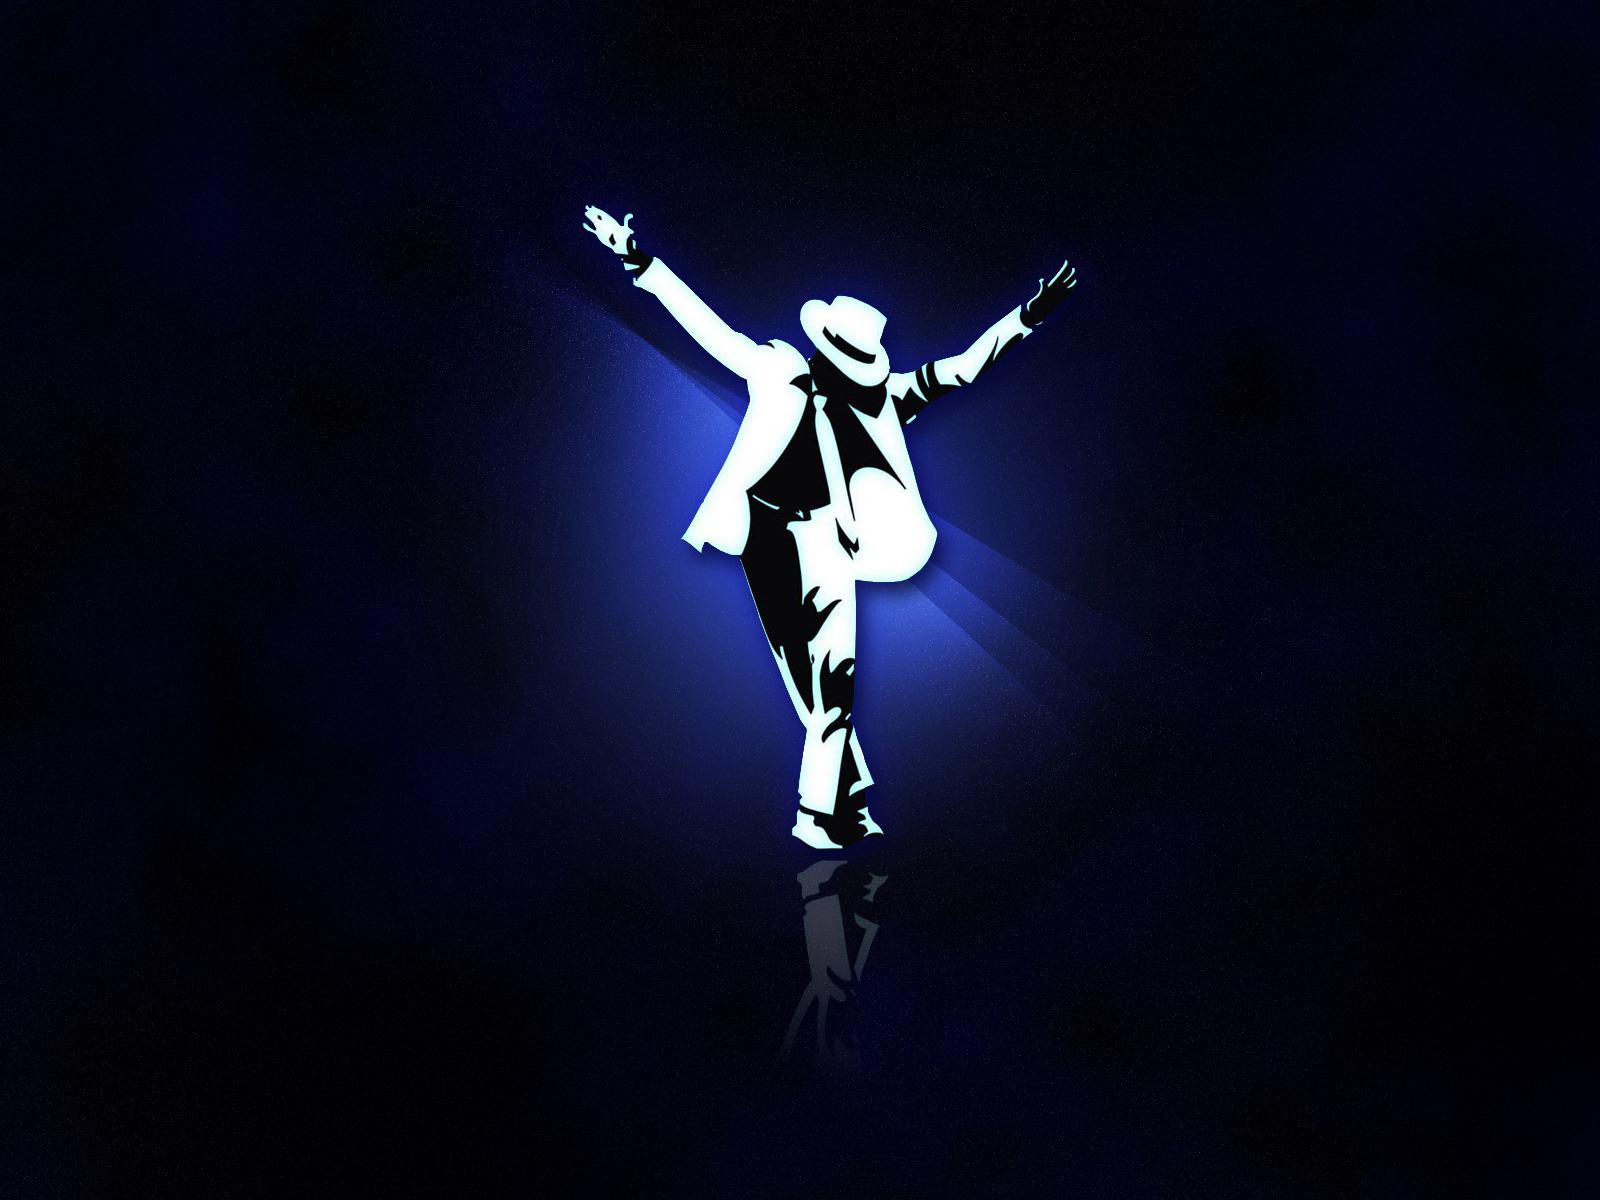 11308 скачать обои Музыка, Люди, Майкл Джексон (Michael Jackson), Мужчины, Артисты - заставки и картинки бесплатно